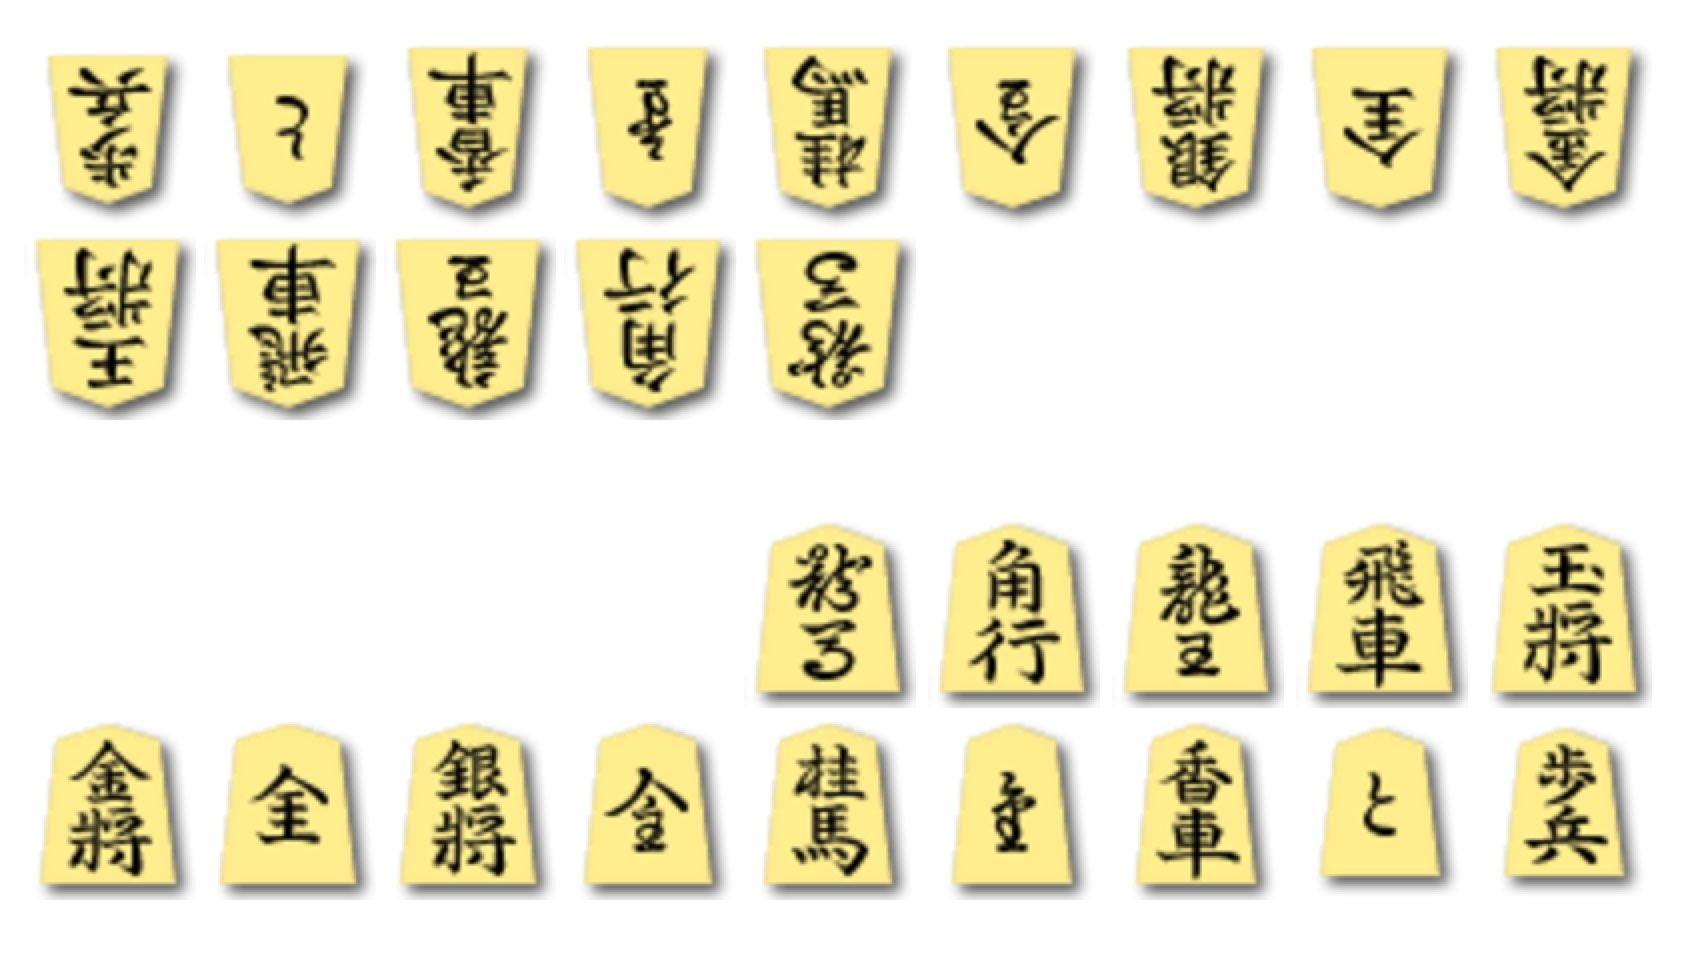 無料将棋ゲームソフト【Bonanza】のダウンロード方法 | 81将棋.COM